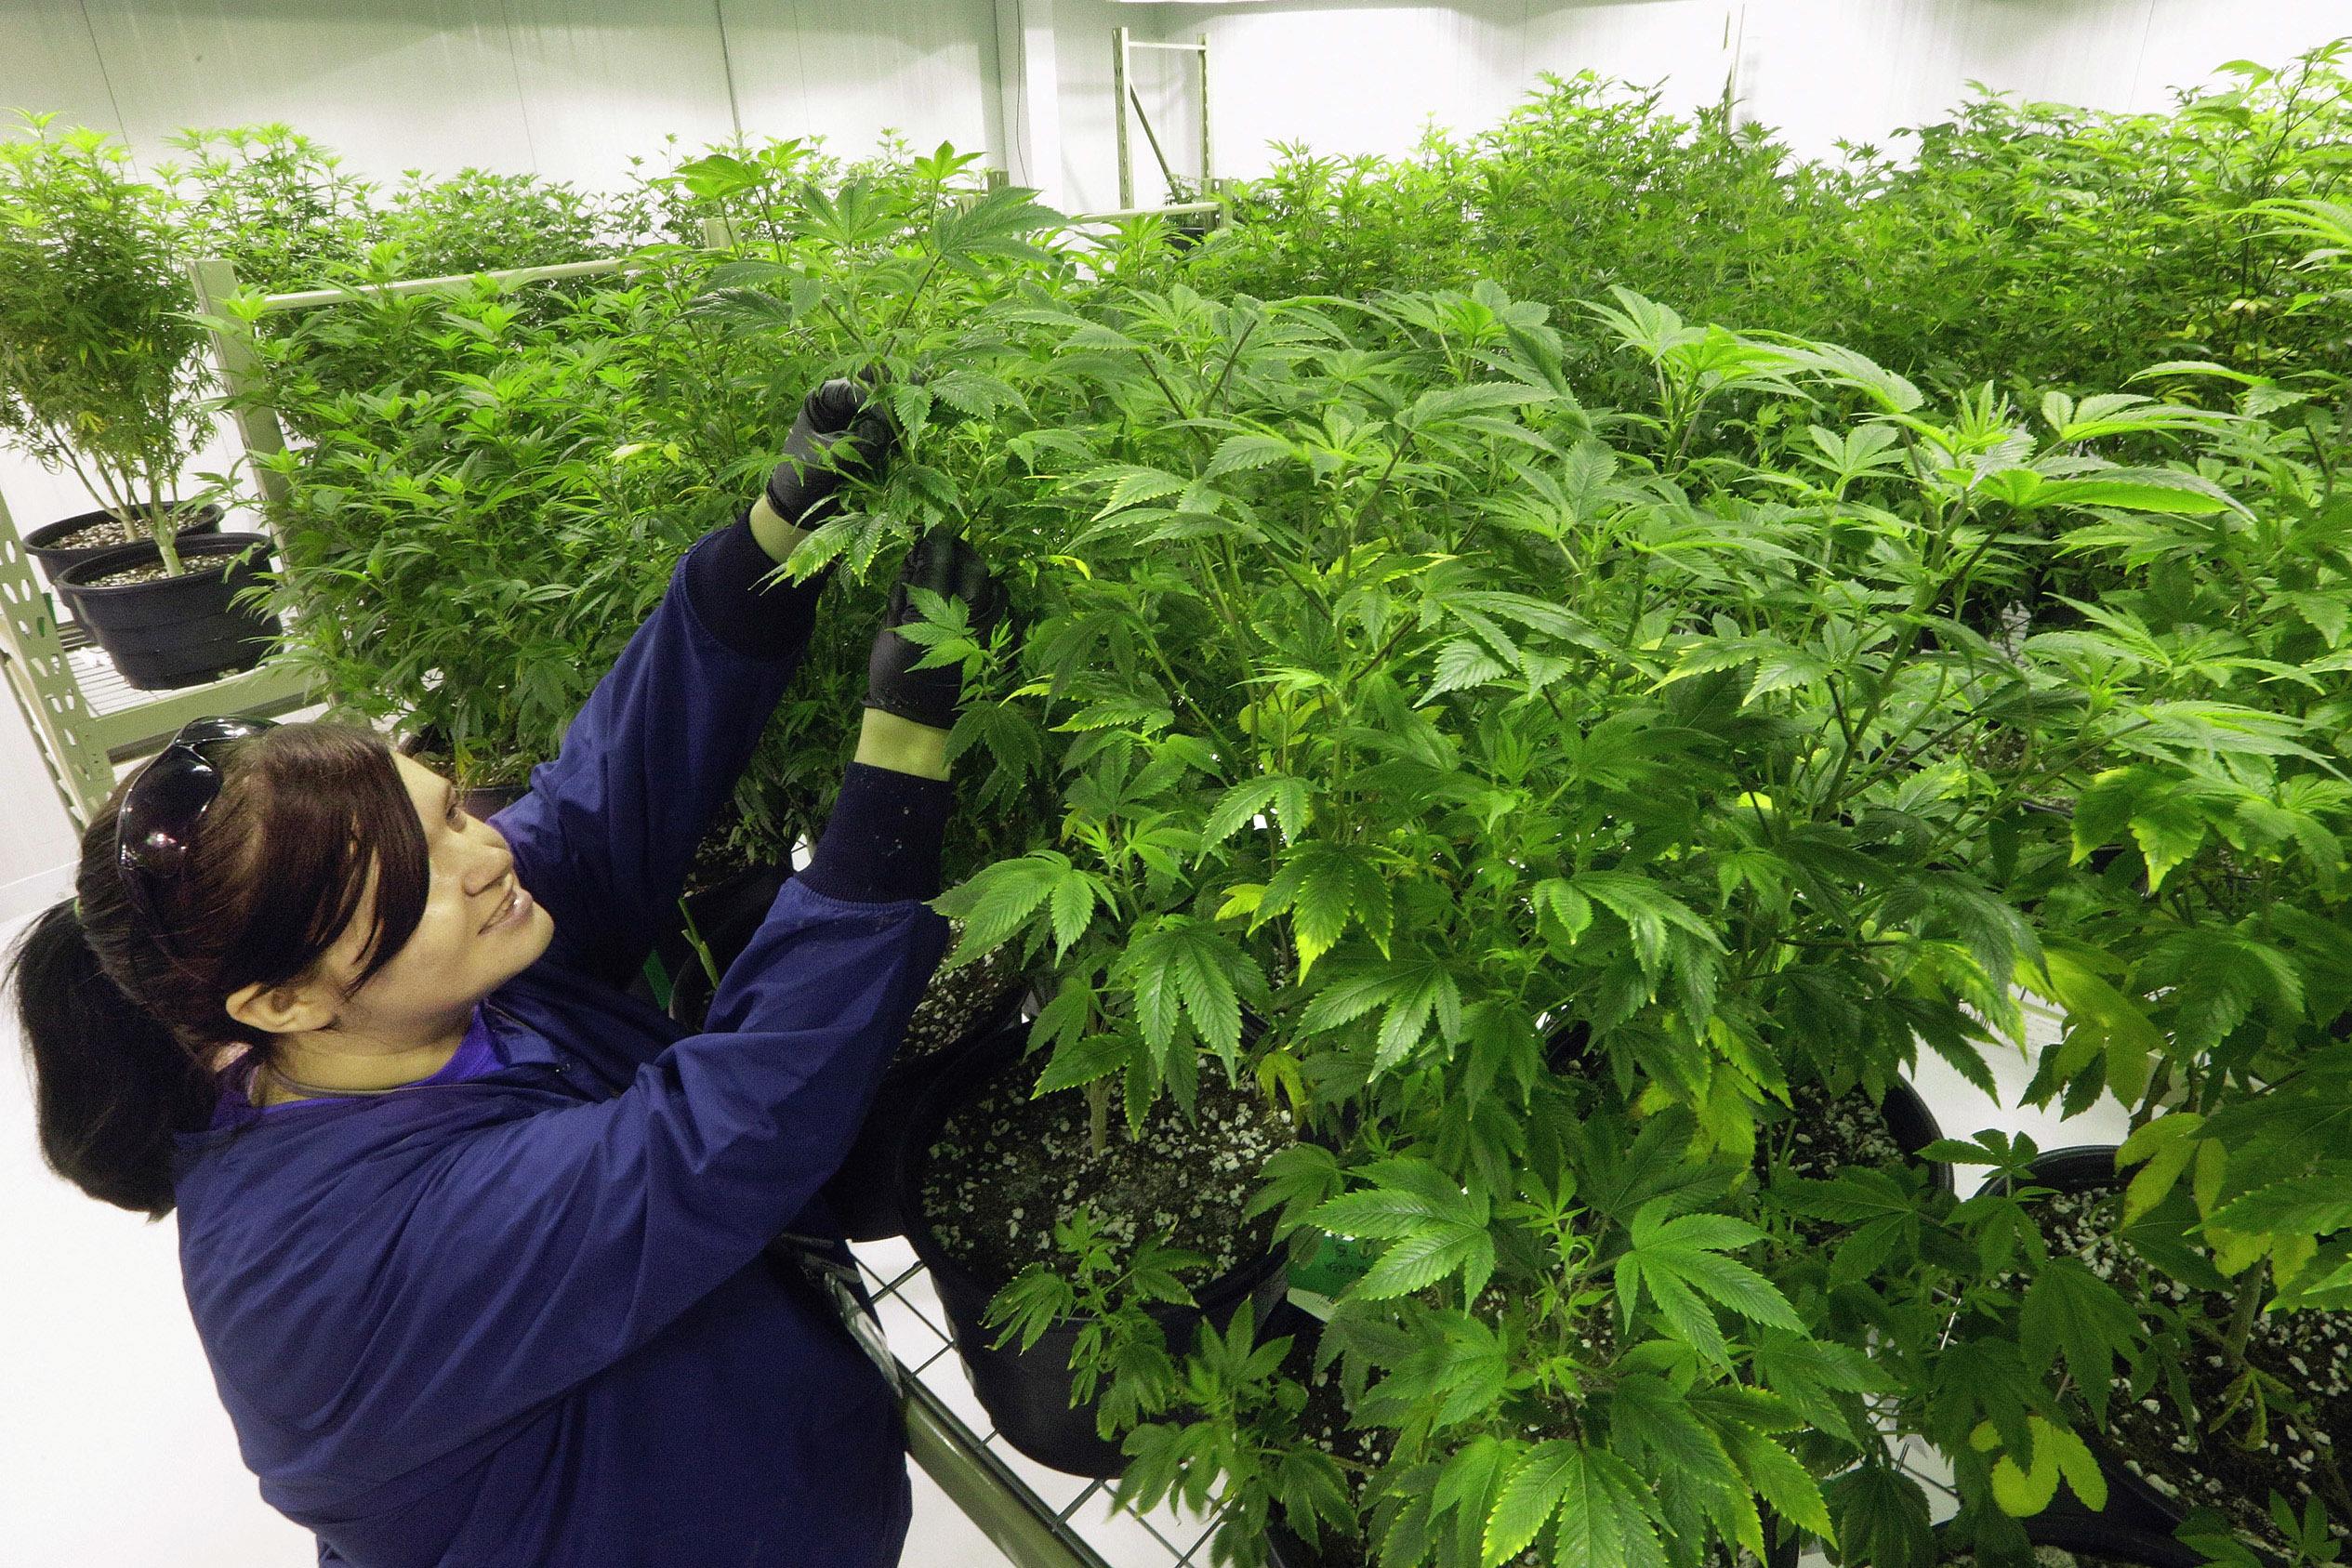 Разбавить коноплю можно чем марихуане свободу